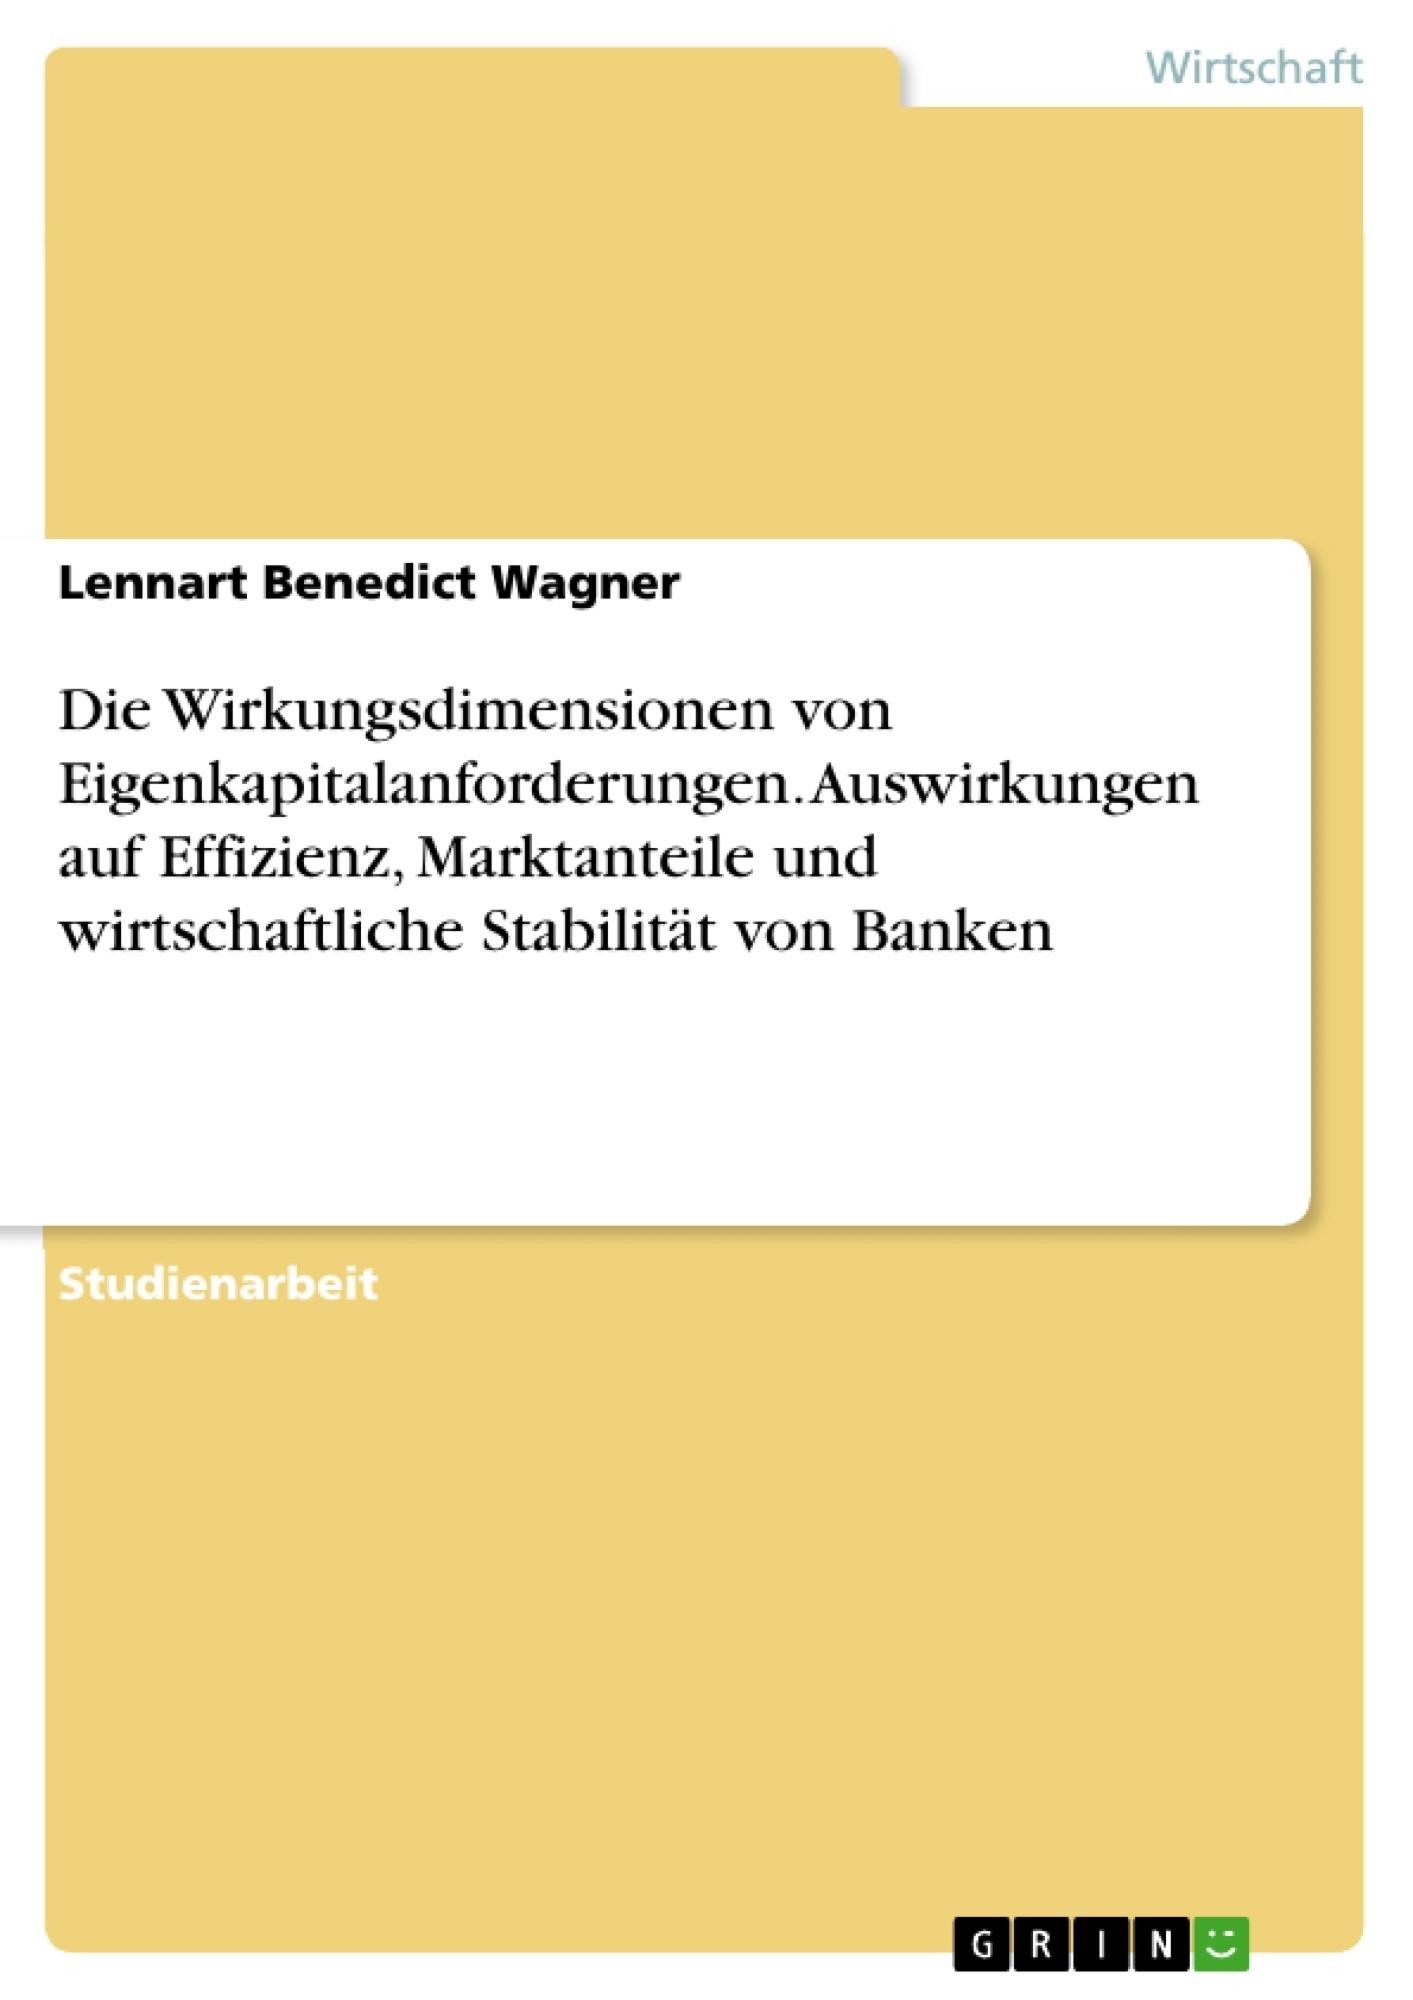 Titel: Die Wirkungsdimensionen von Eigenkapitalanforderungen. Auswirkungen auf Effizienz, Marktanteile und wirtschaftliche Stabilität von Banken